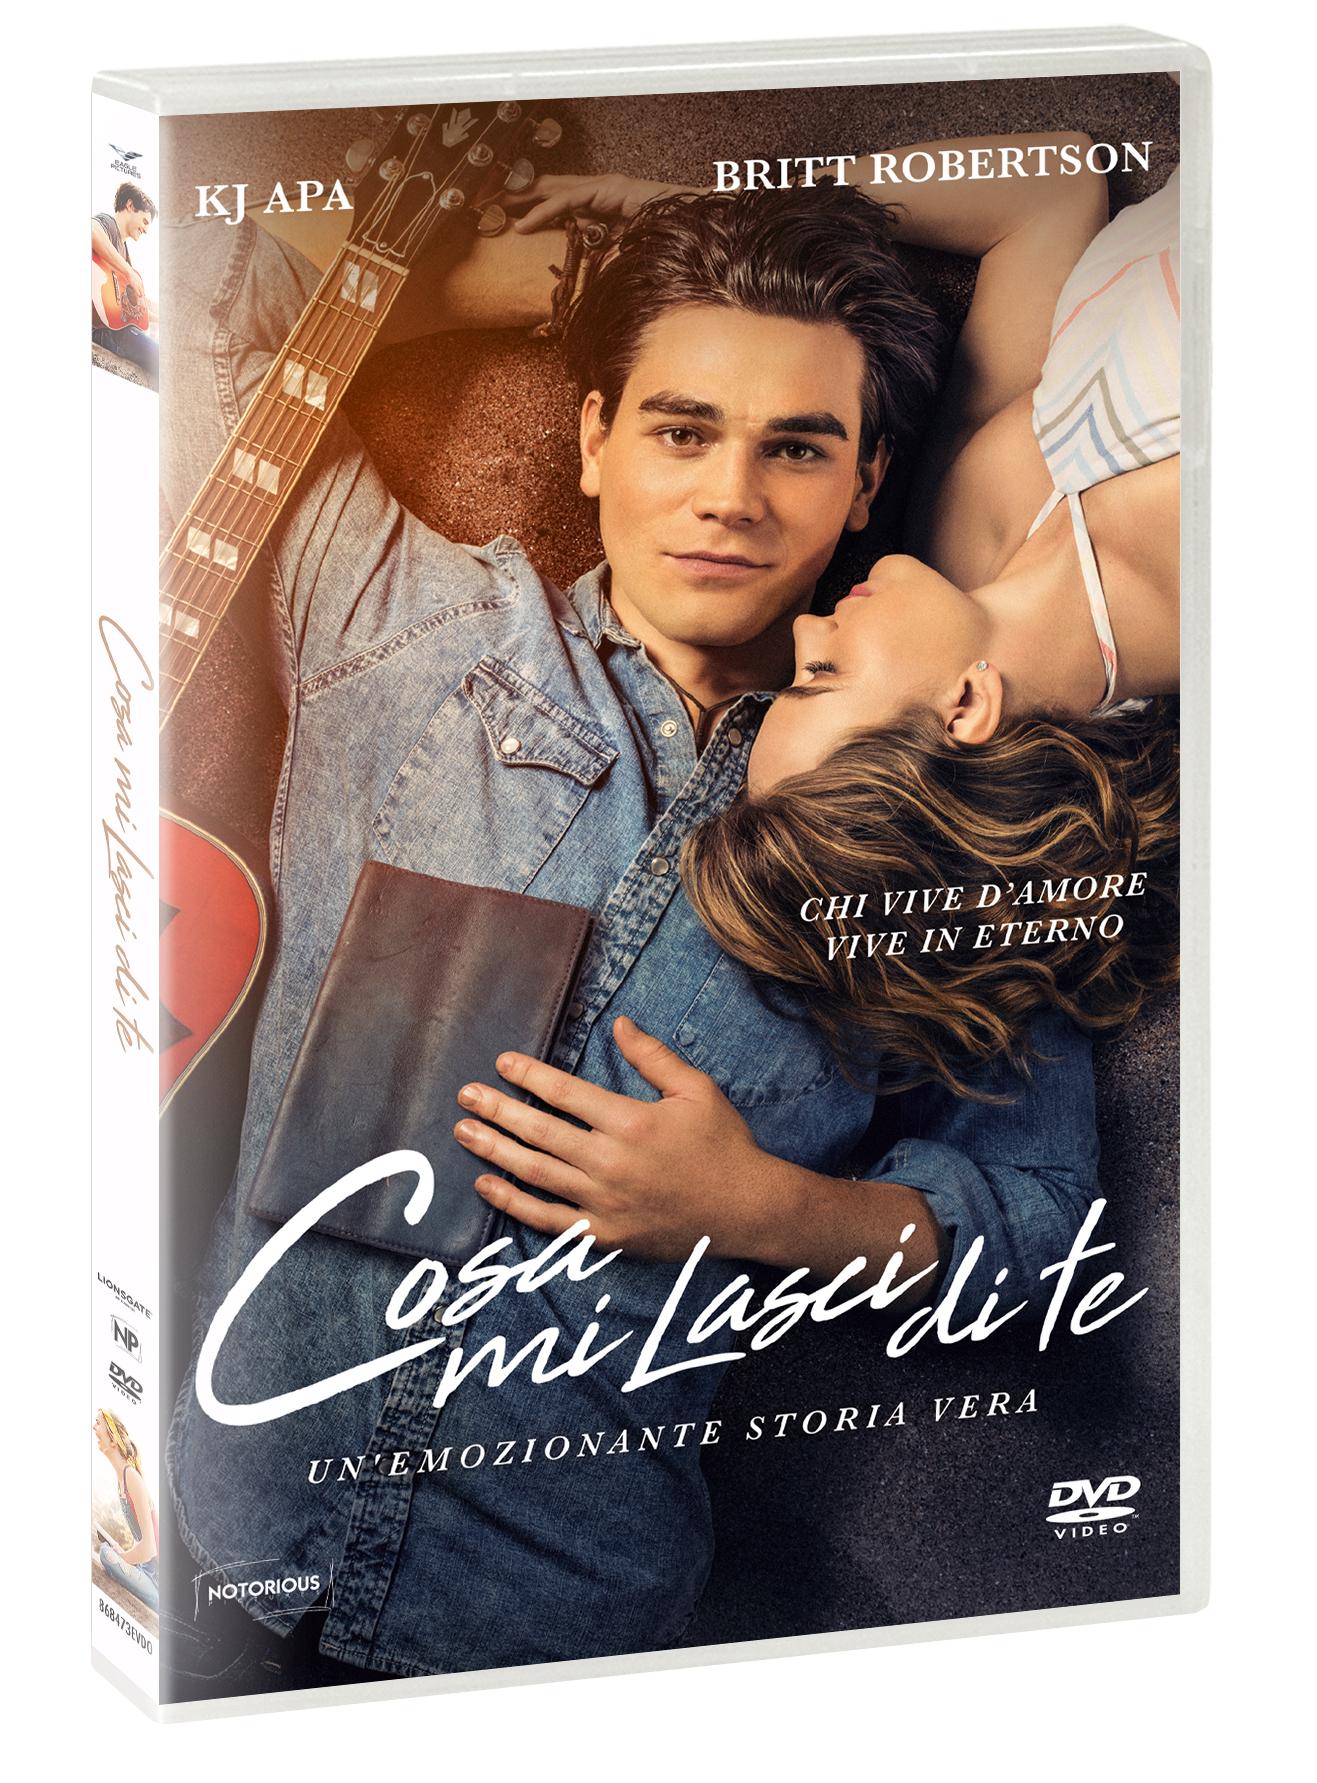 COSA MI LASCI DI TE (DVD)